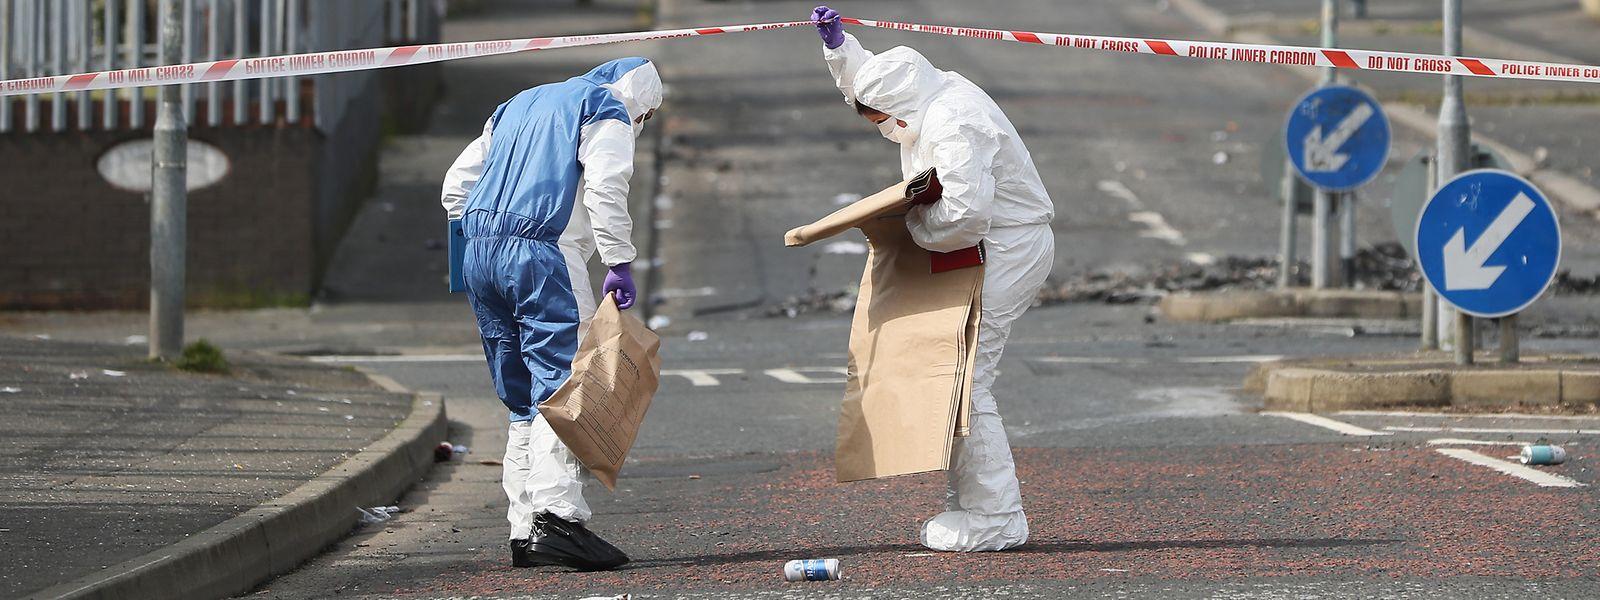 Mitarbeiter der Spurensicherung arbeiten am Tatort, wo eine 29-jährige Journalistin bei gewaltsamen Ausschreitungen mit einem Kopfschuss getötet wurde.